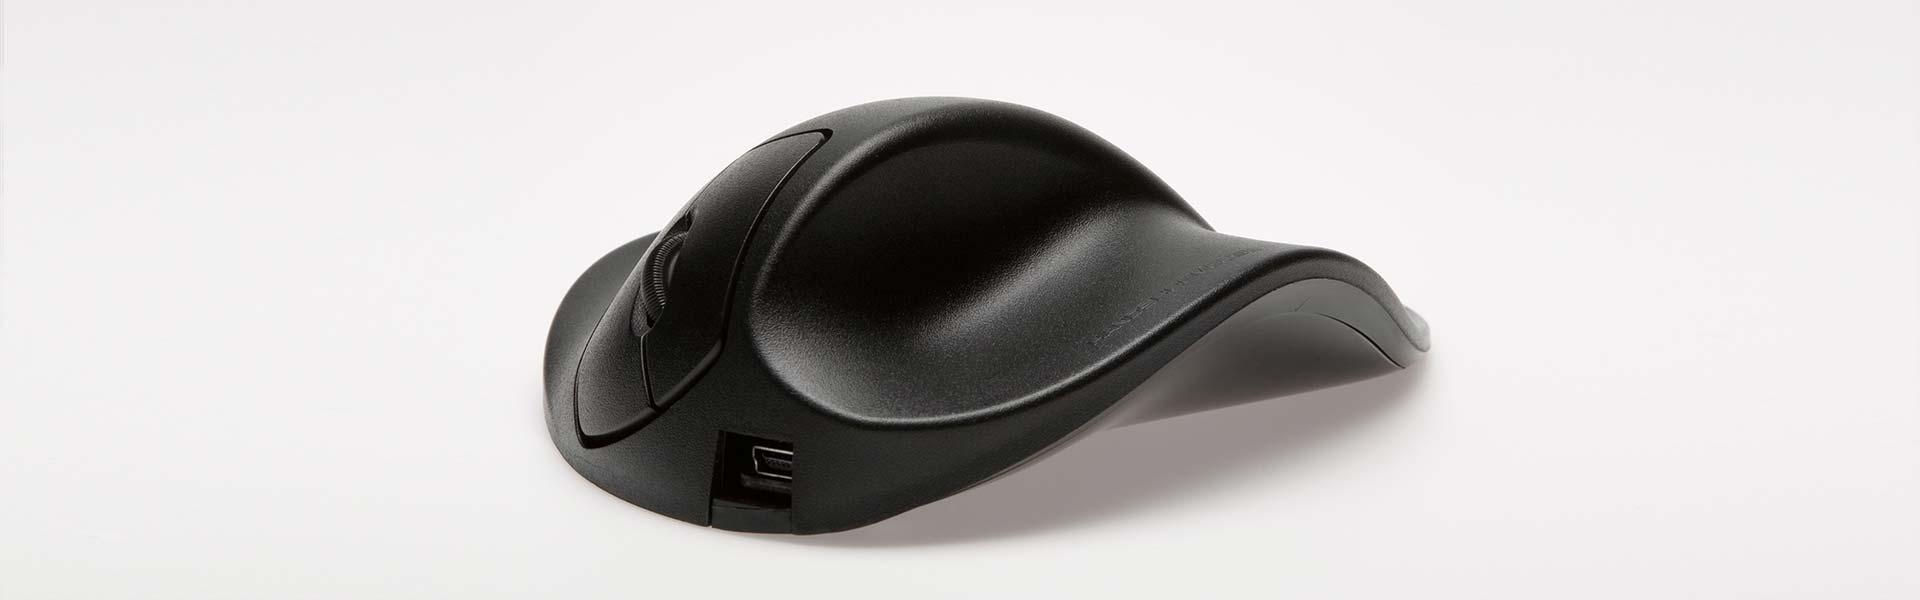 orthop dische ergonomische b rost hle aus berlin f st tzen. Black Bedroom Furniture Sets. Home Design Ideas